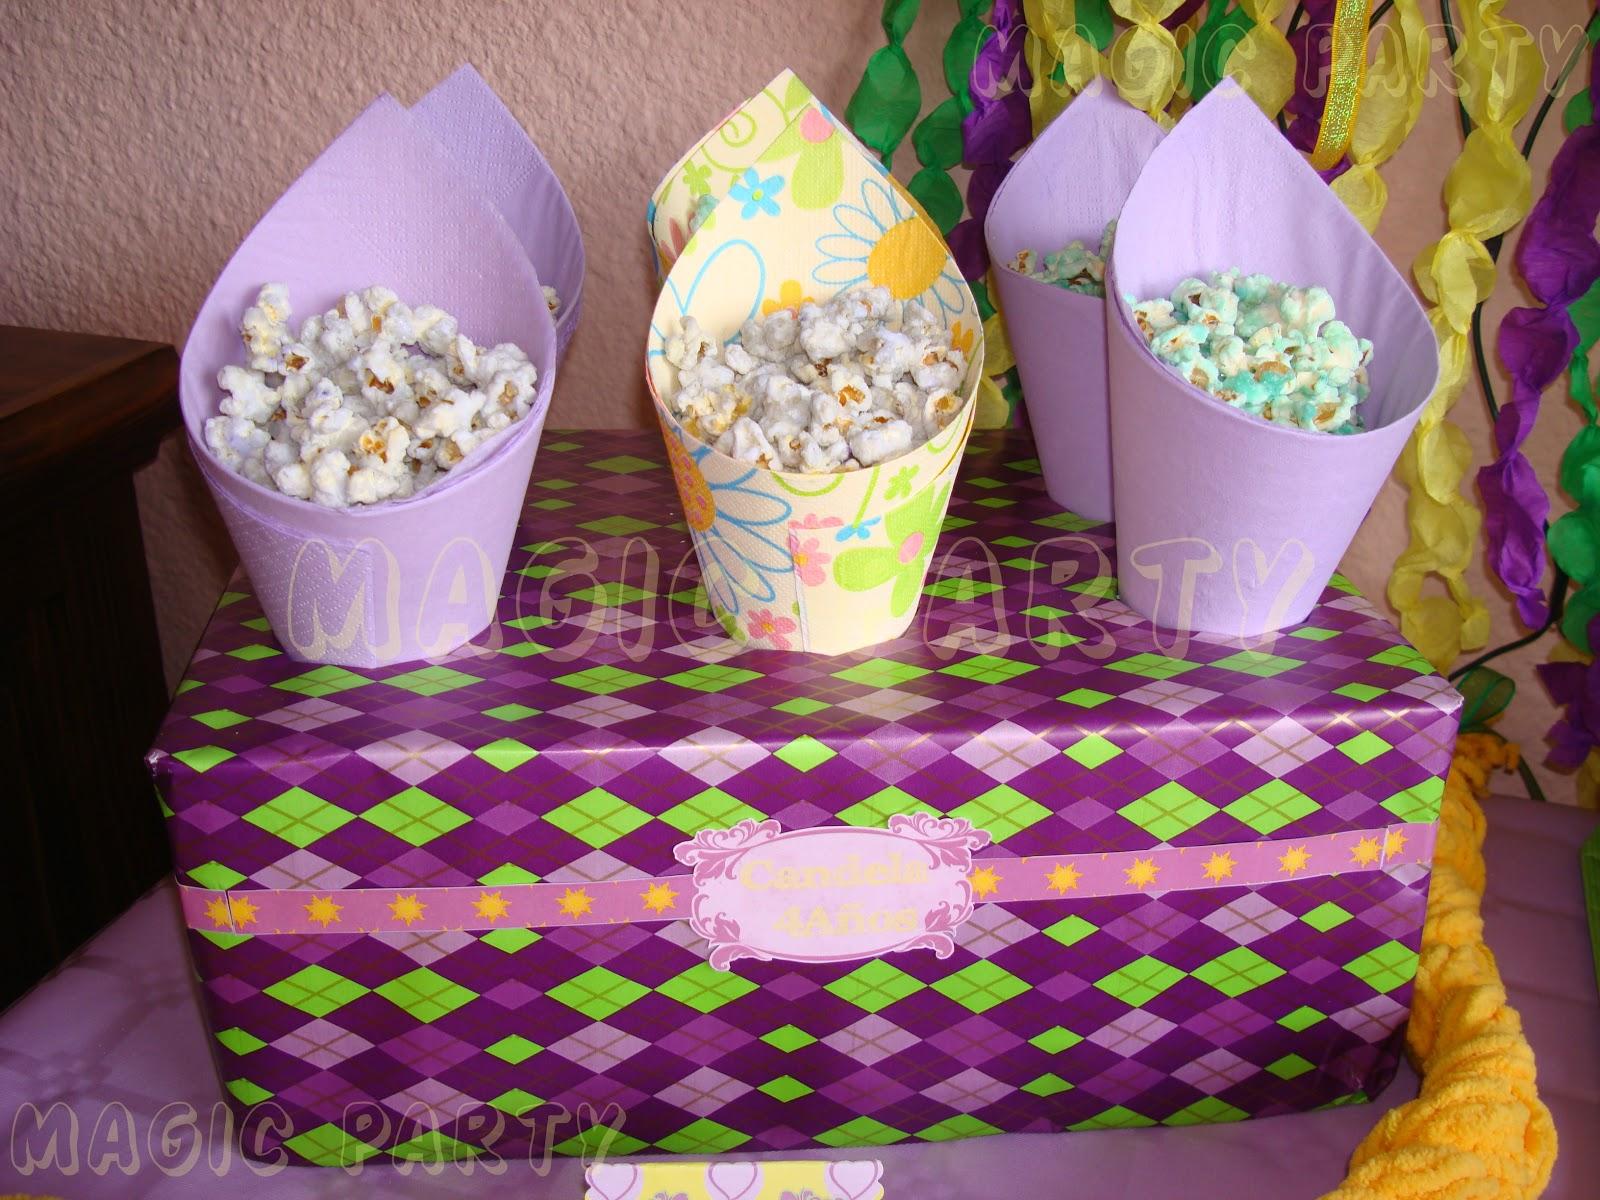 Decoracion De Rapunzel Para Fiestas Infantiles ~ Un Stand con conos para aperitivos rellenos de palomitas y una